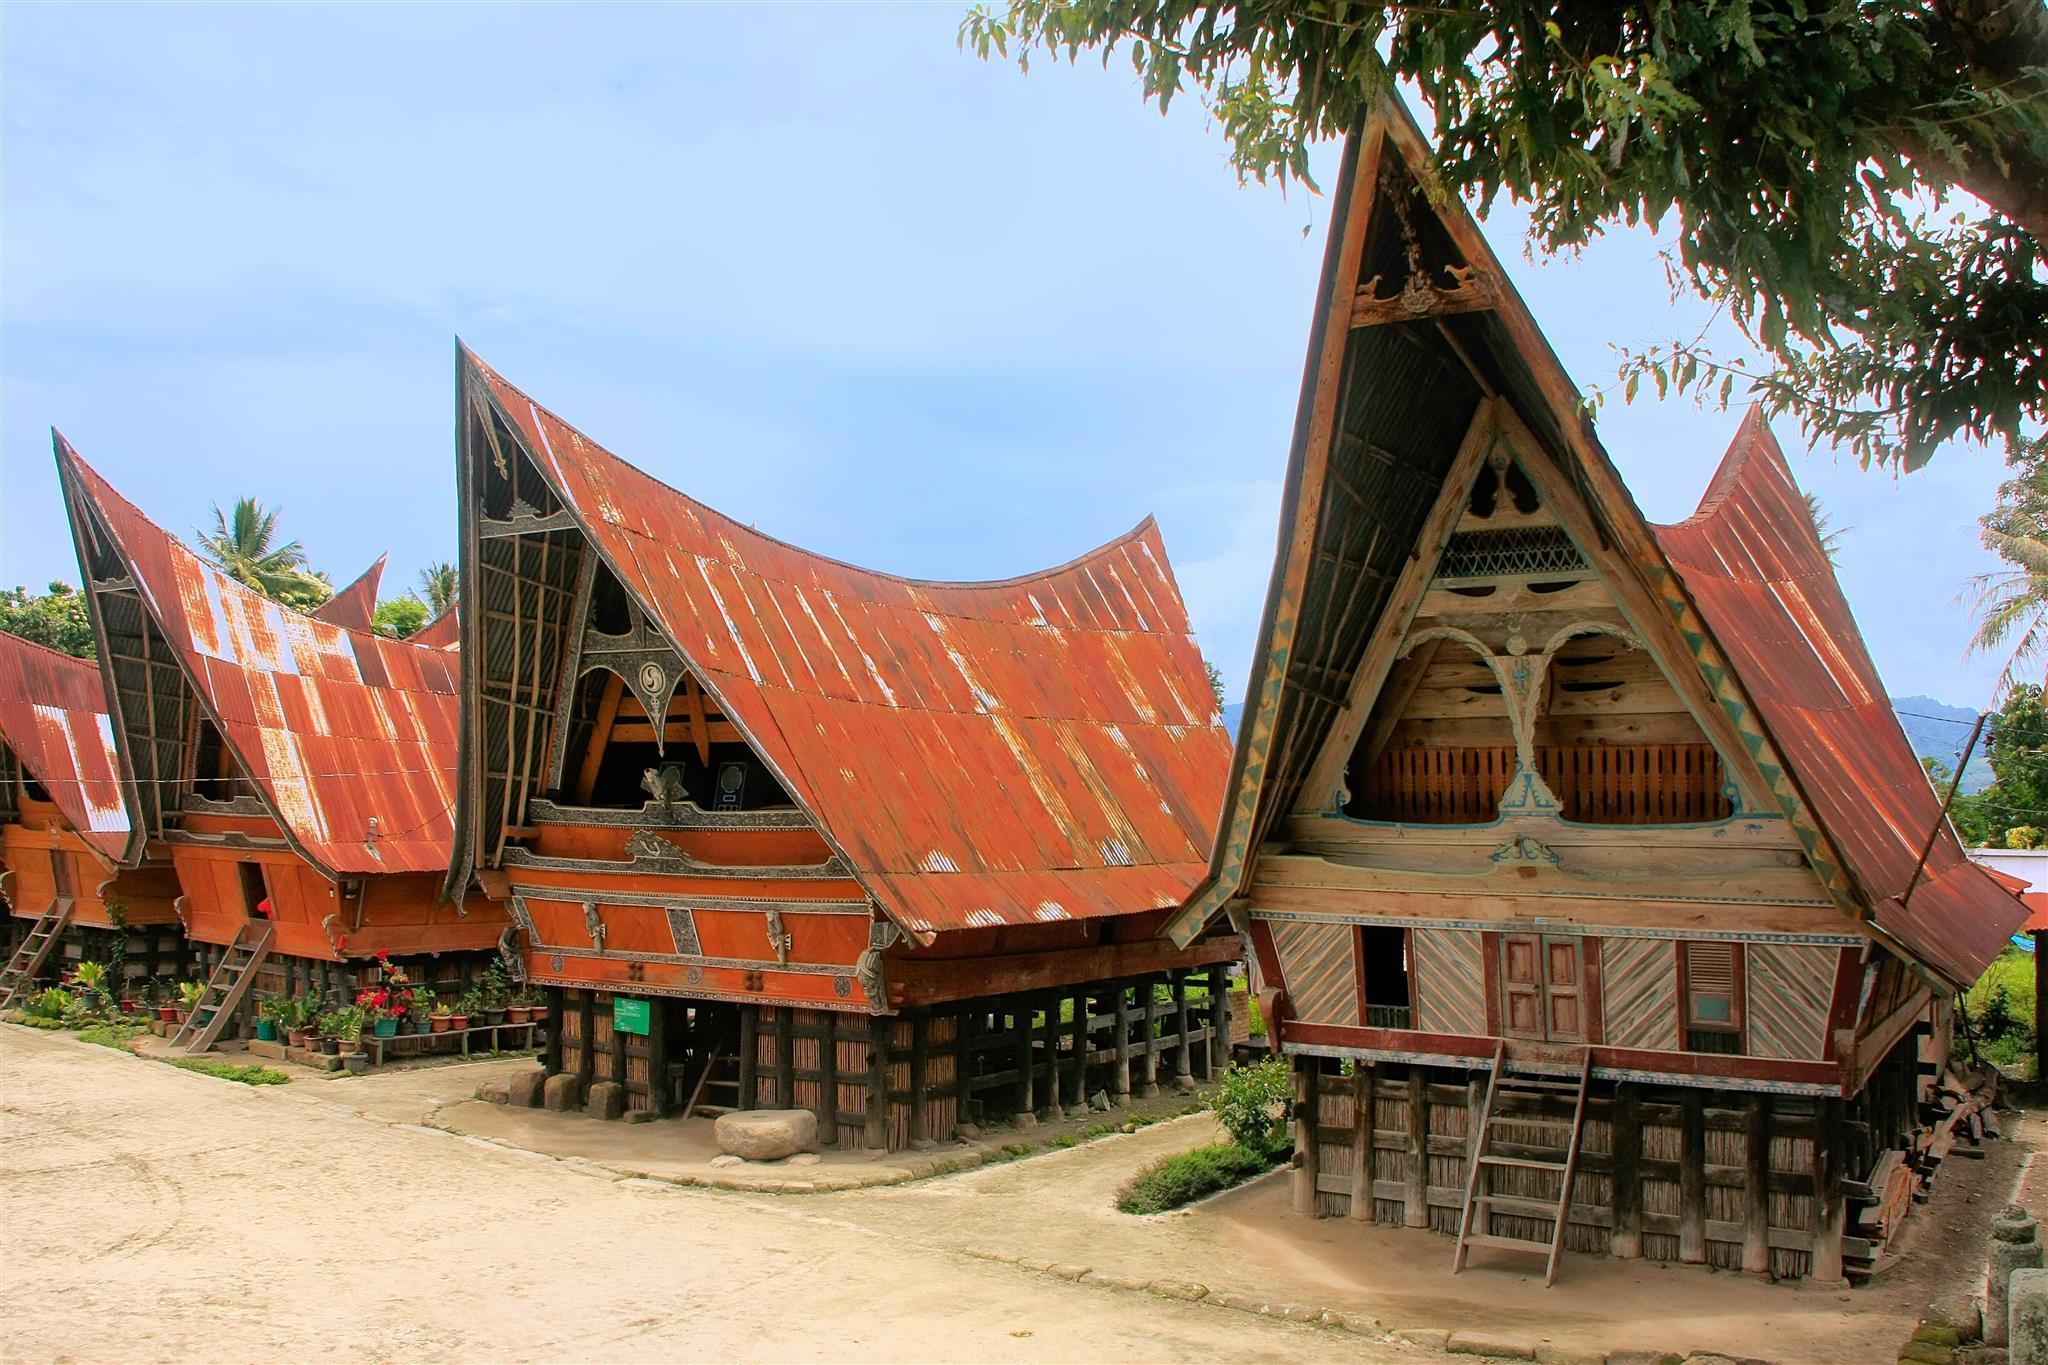 D'pos Guesthouse, Samosir